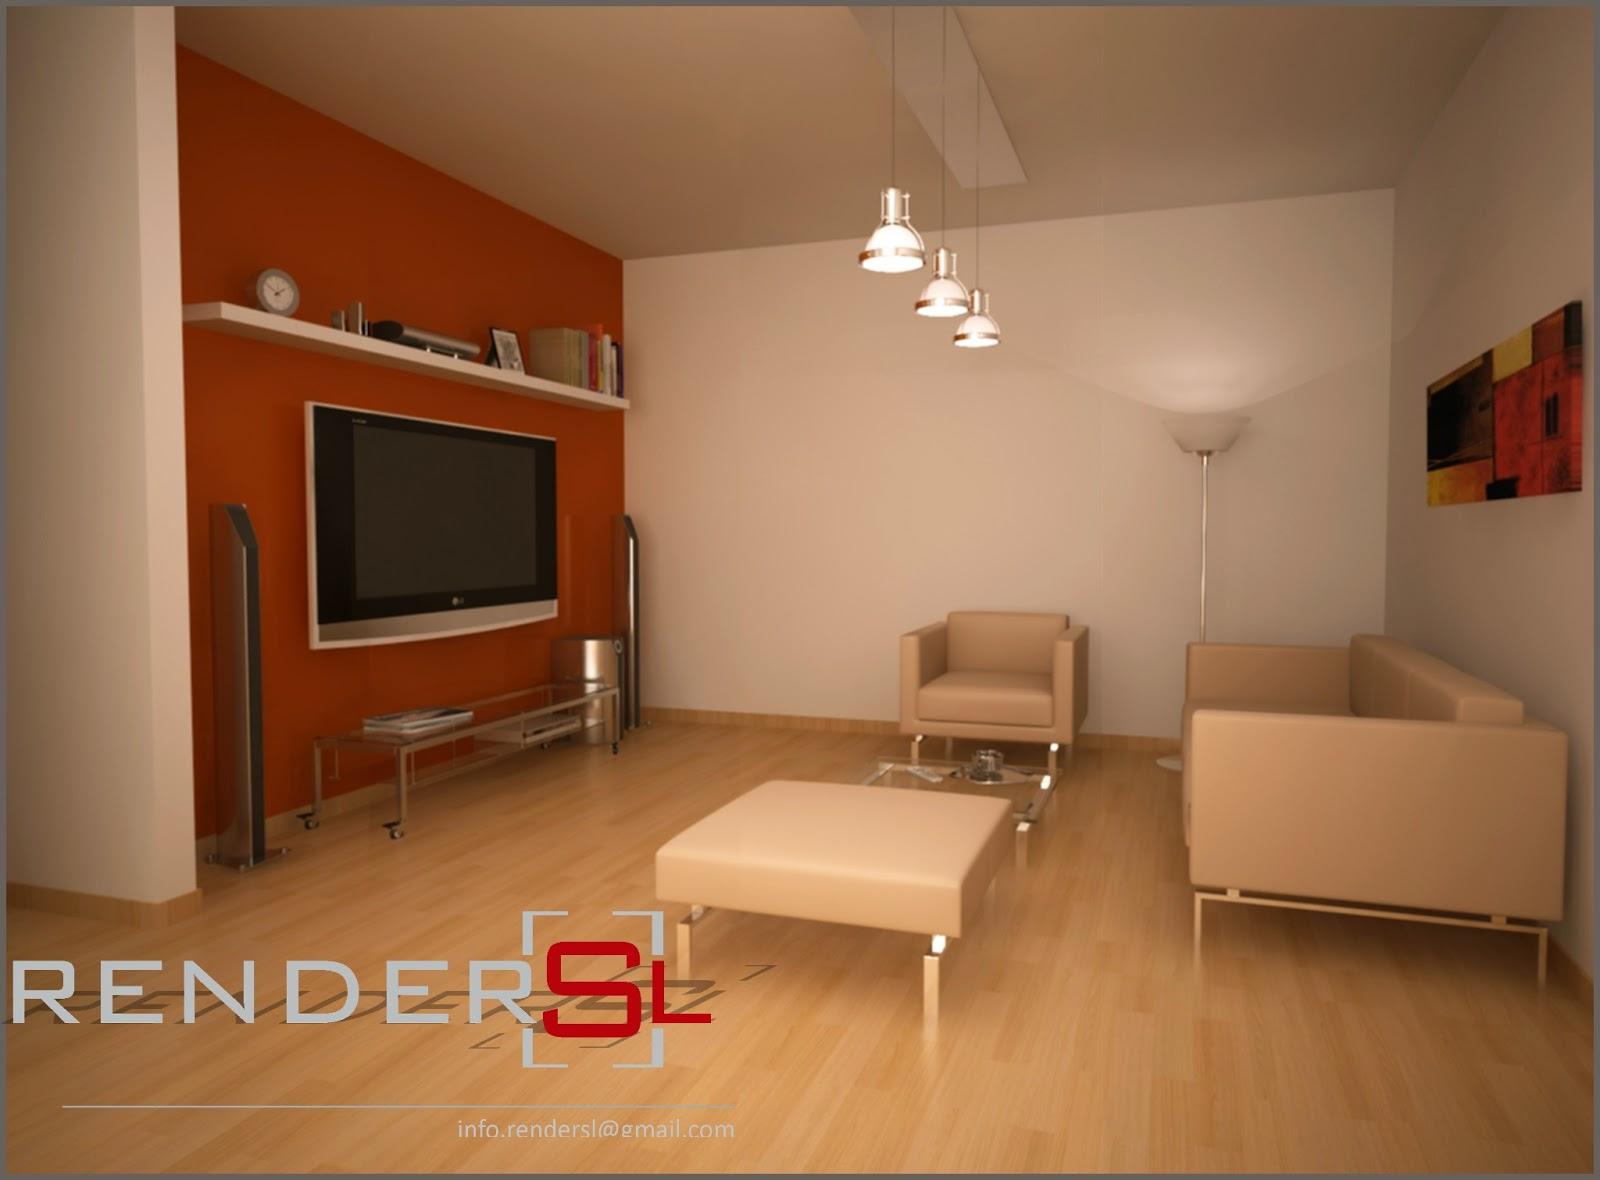 Renders sl arquitectura perspectivas interiores for Arquitectura interior sl